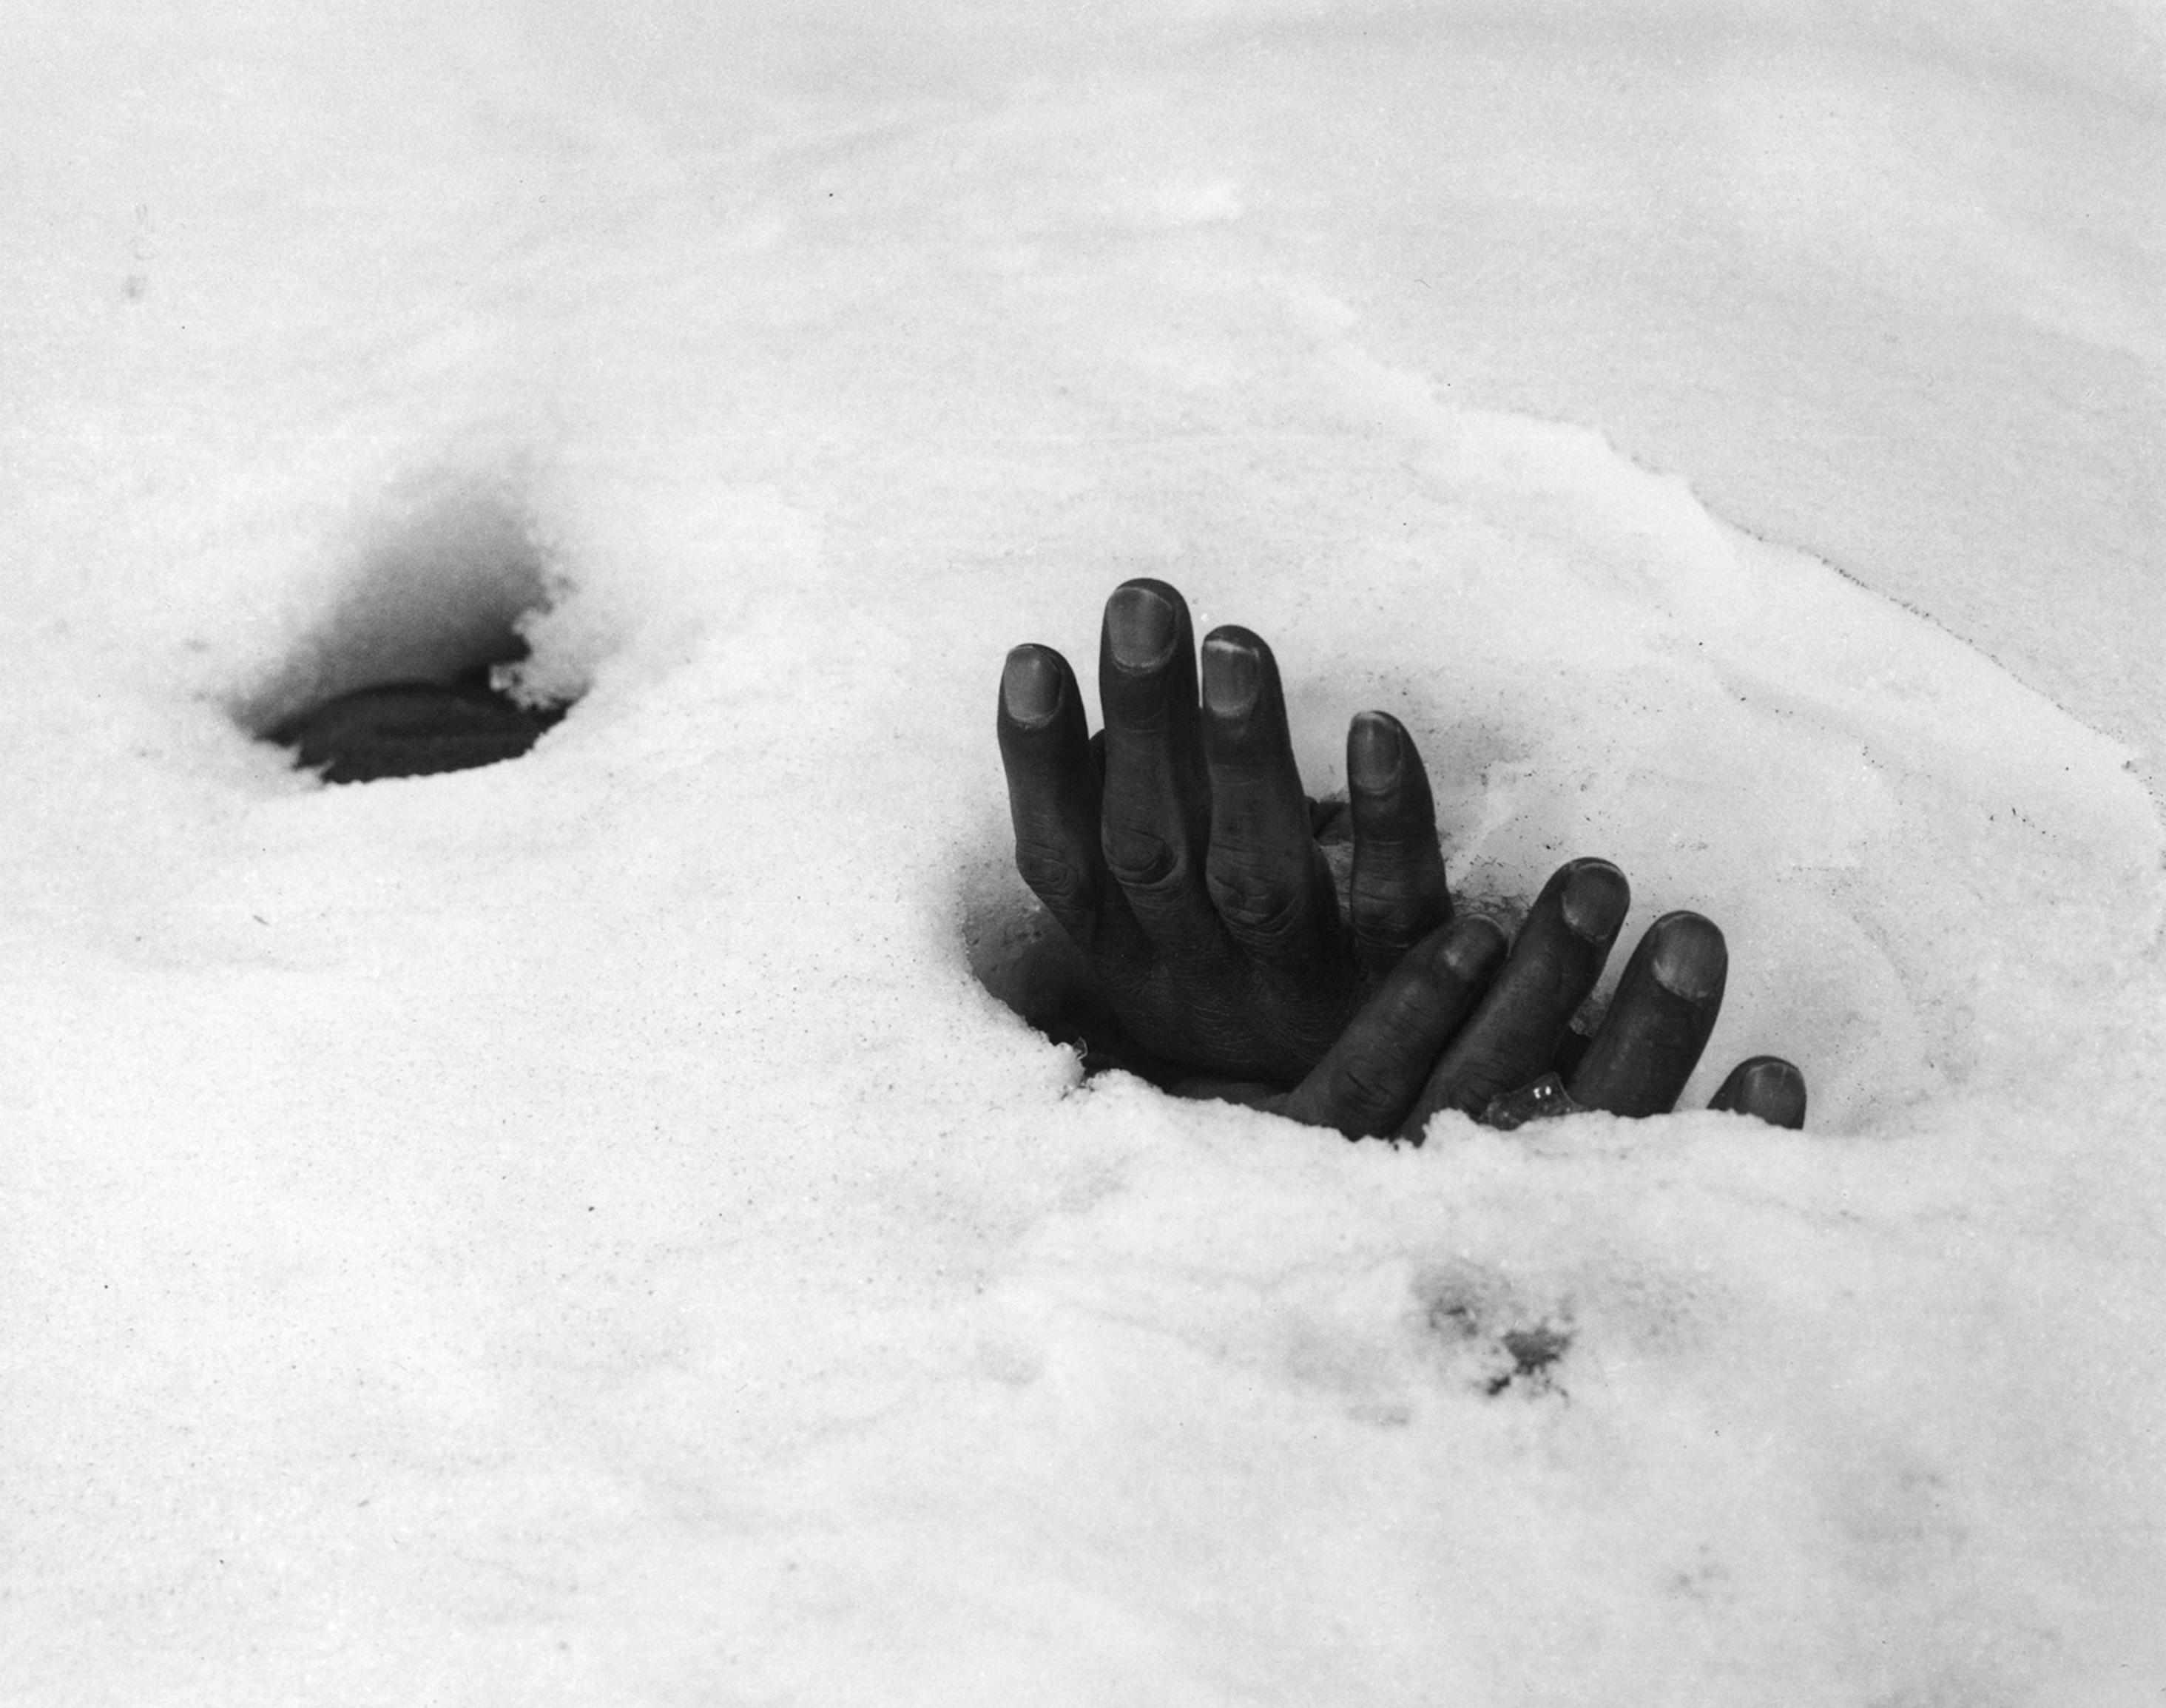 Las manos de un hombre asesinado y abandonado por el ejército norcoreano durante la retirada y cubierto de nieve en Yangji, Corea del Sur, 27 de enero de 1951 (AP Foto/Max Desfor, archivo)